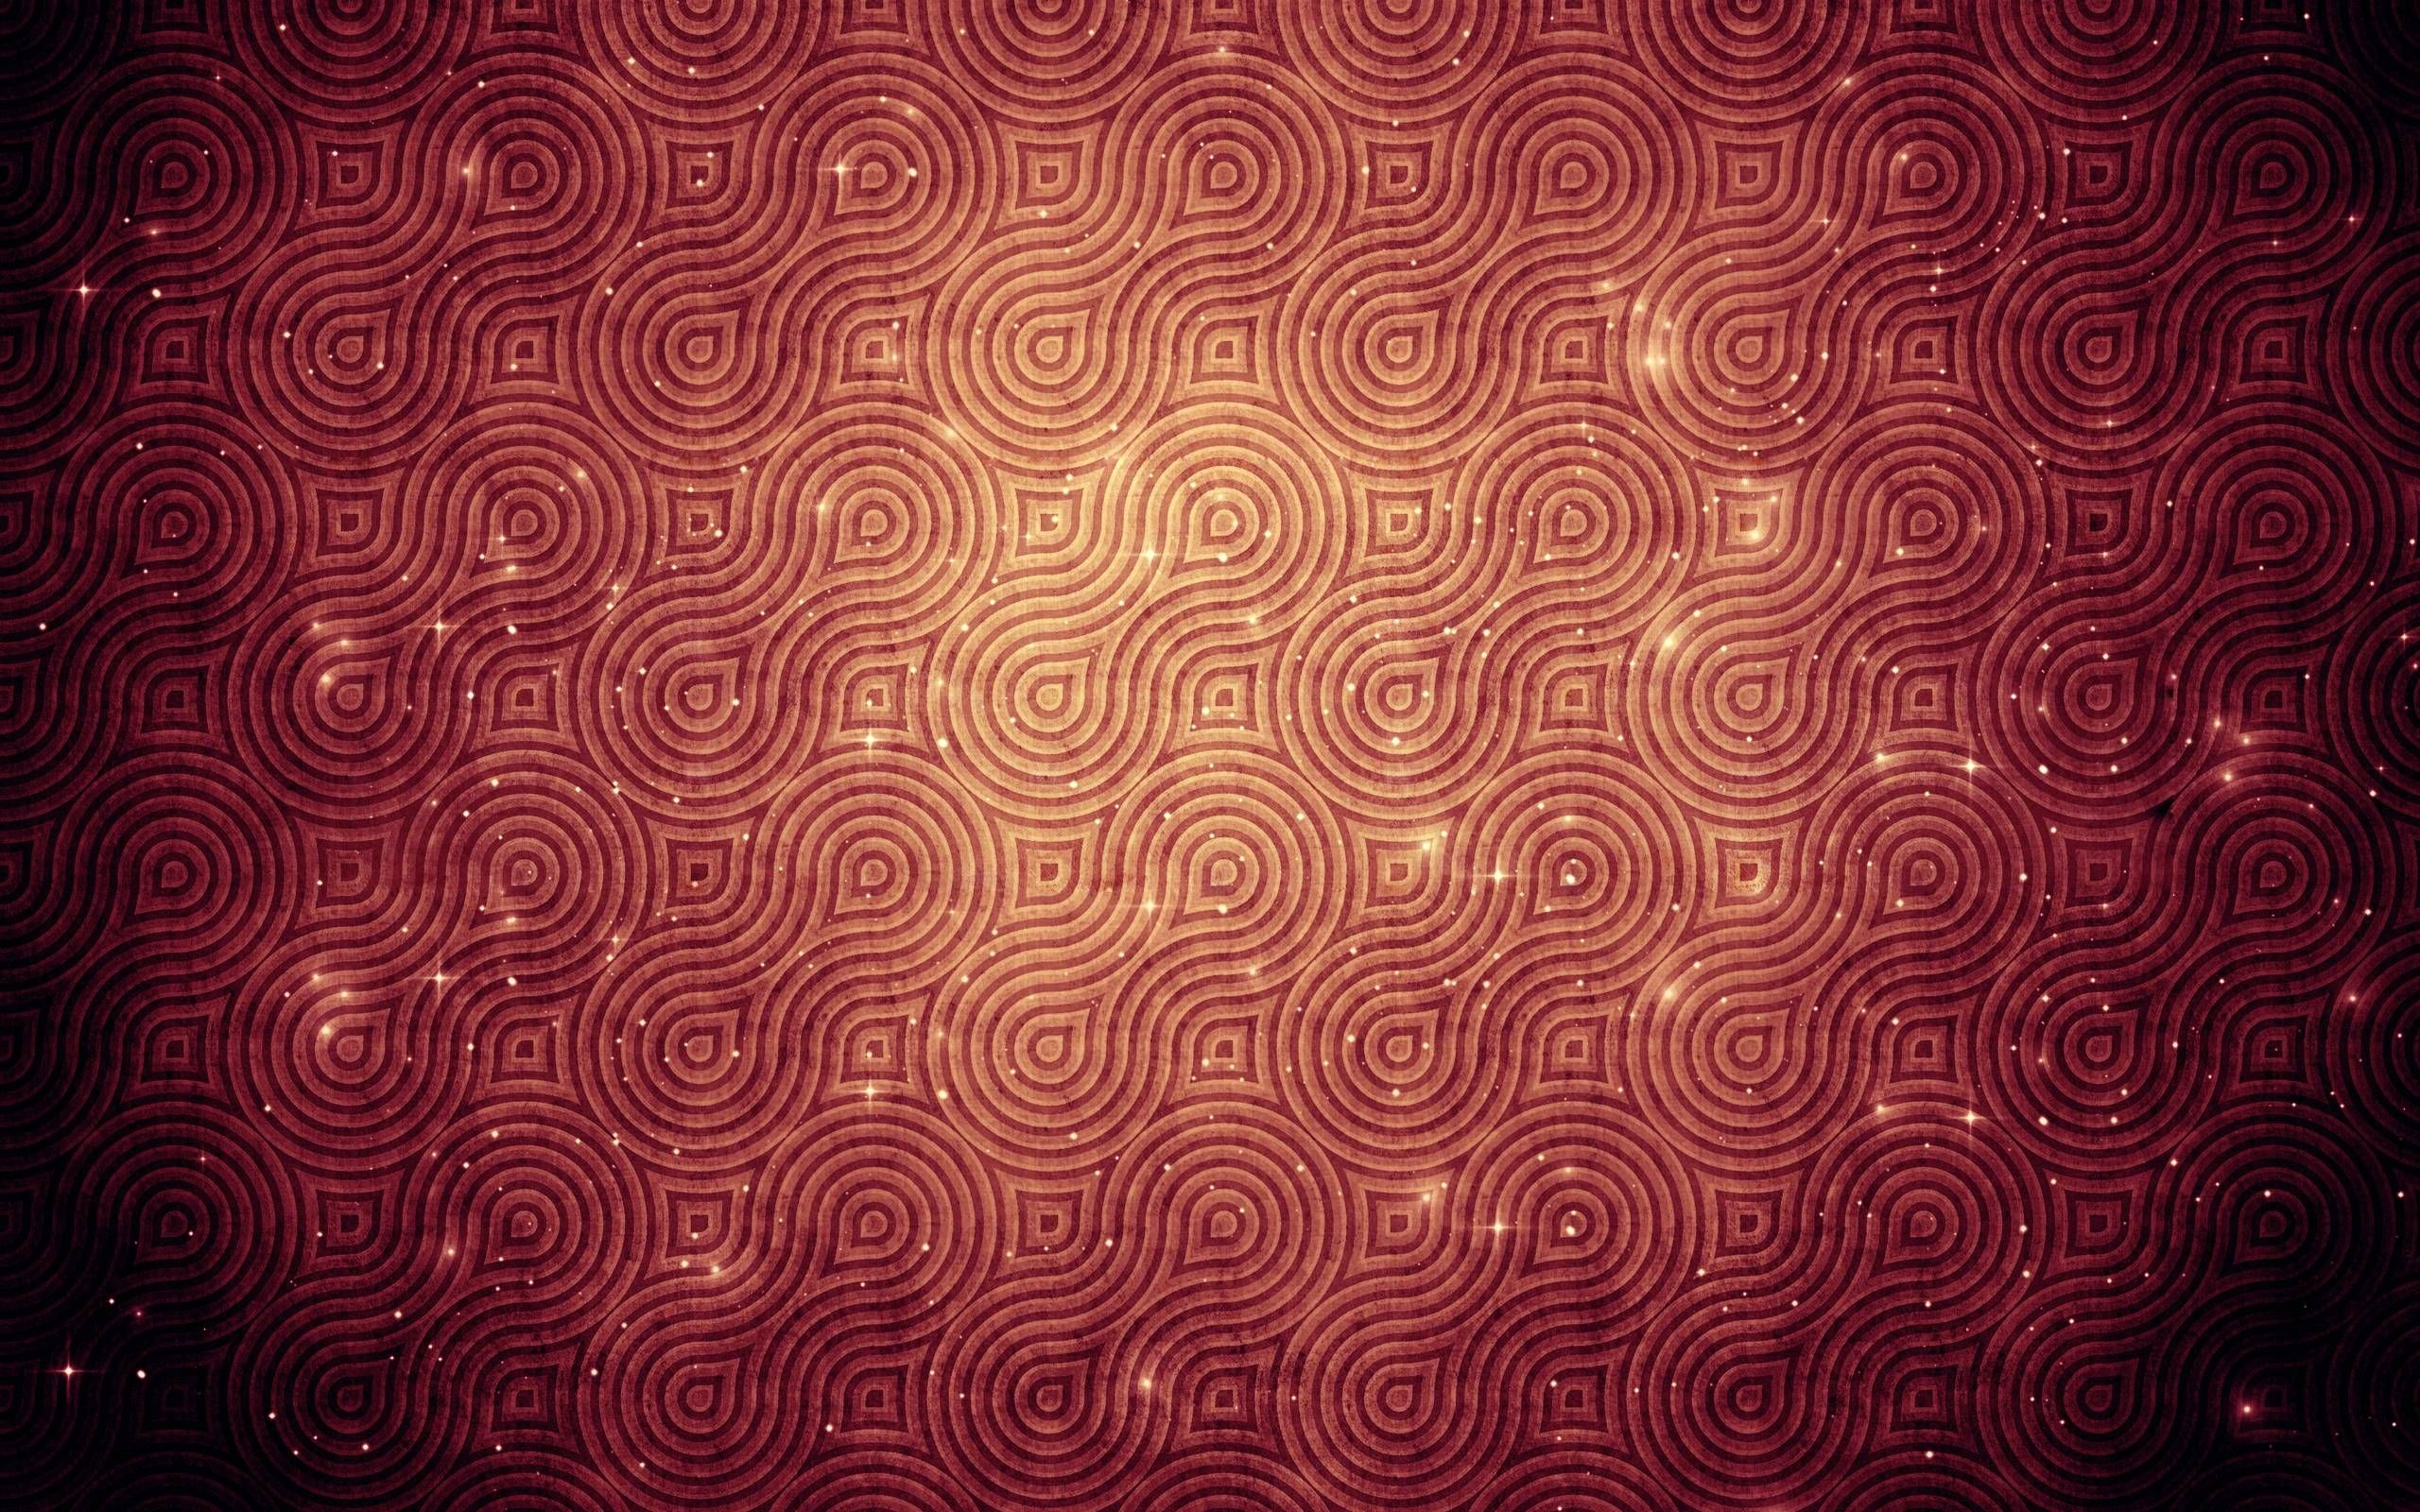 Abstract Patterns Wallpaper | Free HD Desktop Wallpaper | Viewhdwall